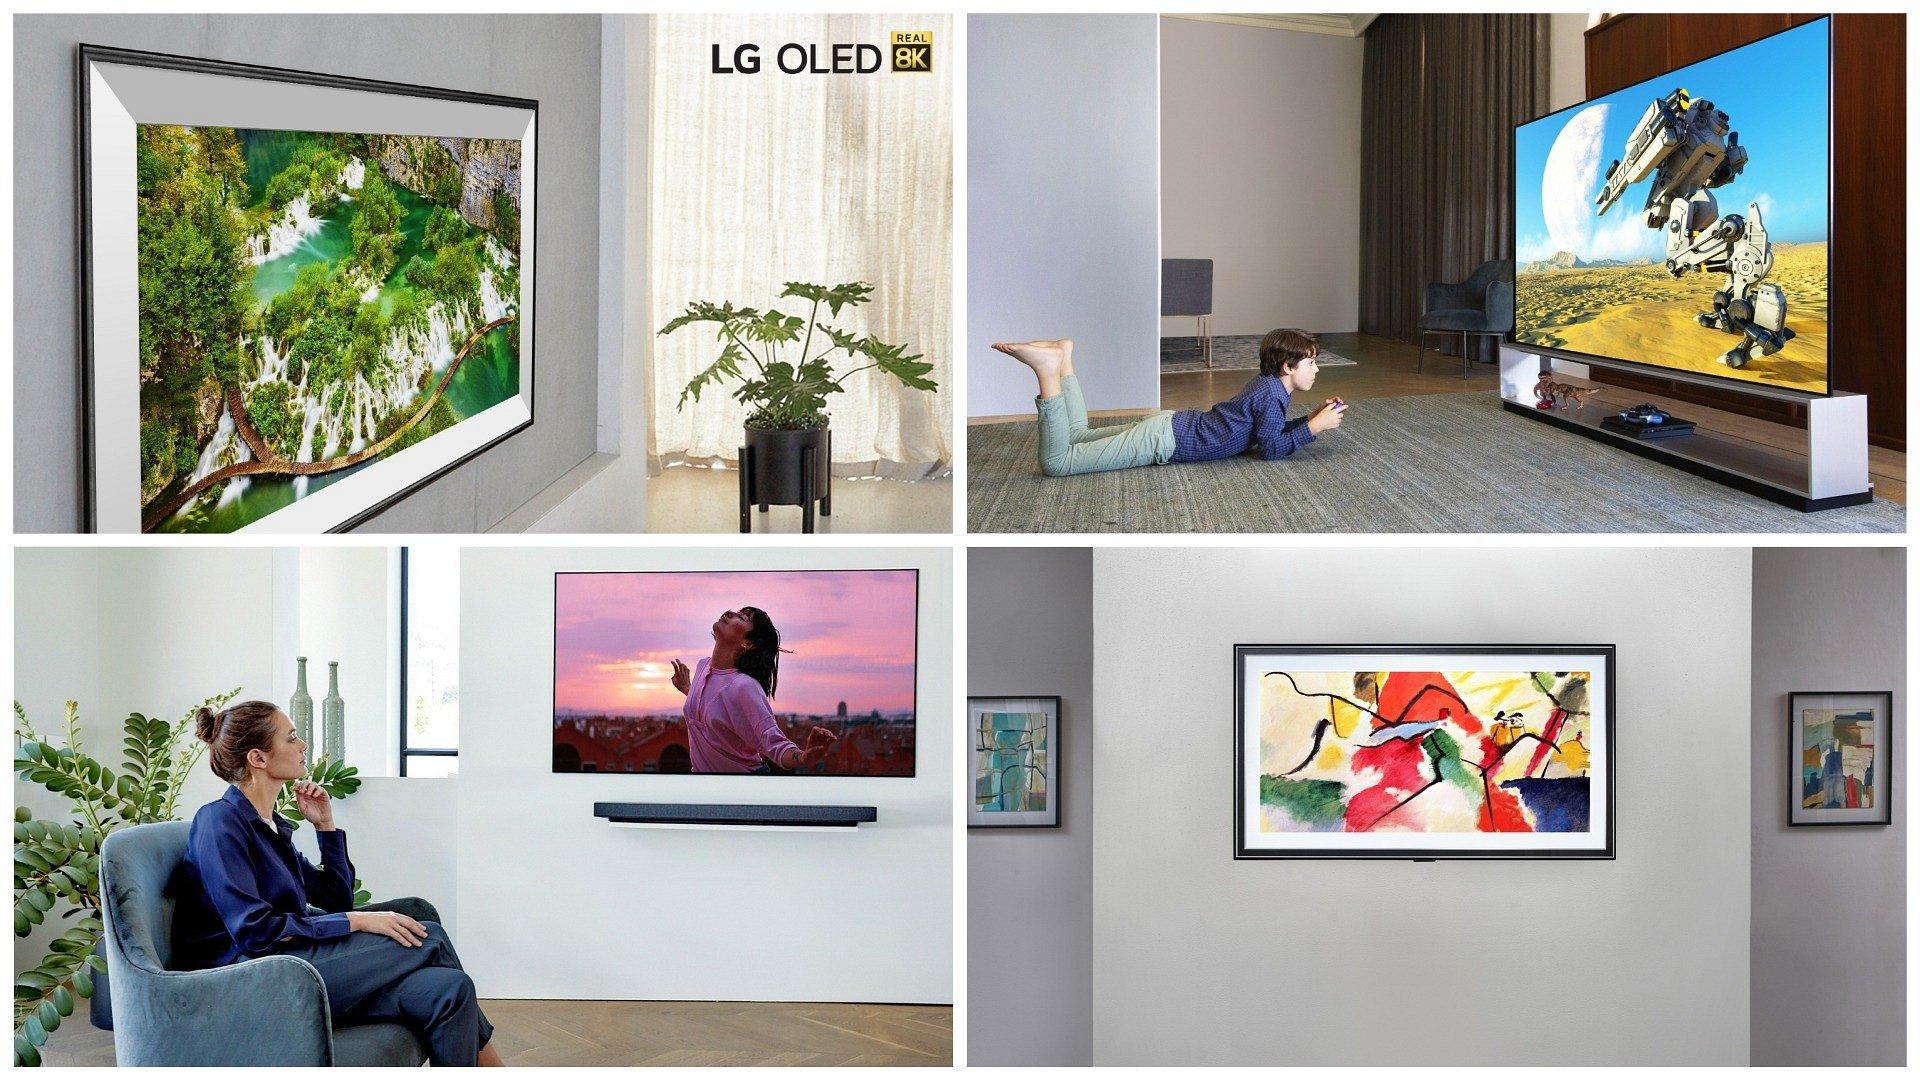 CES 2020: Telewizory LG OLED zapewniają nowy poziom realizmu wyświetlanego obrazu i spełniają marzenia twórców